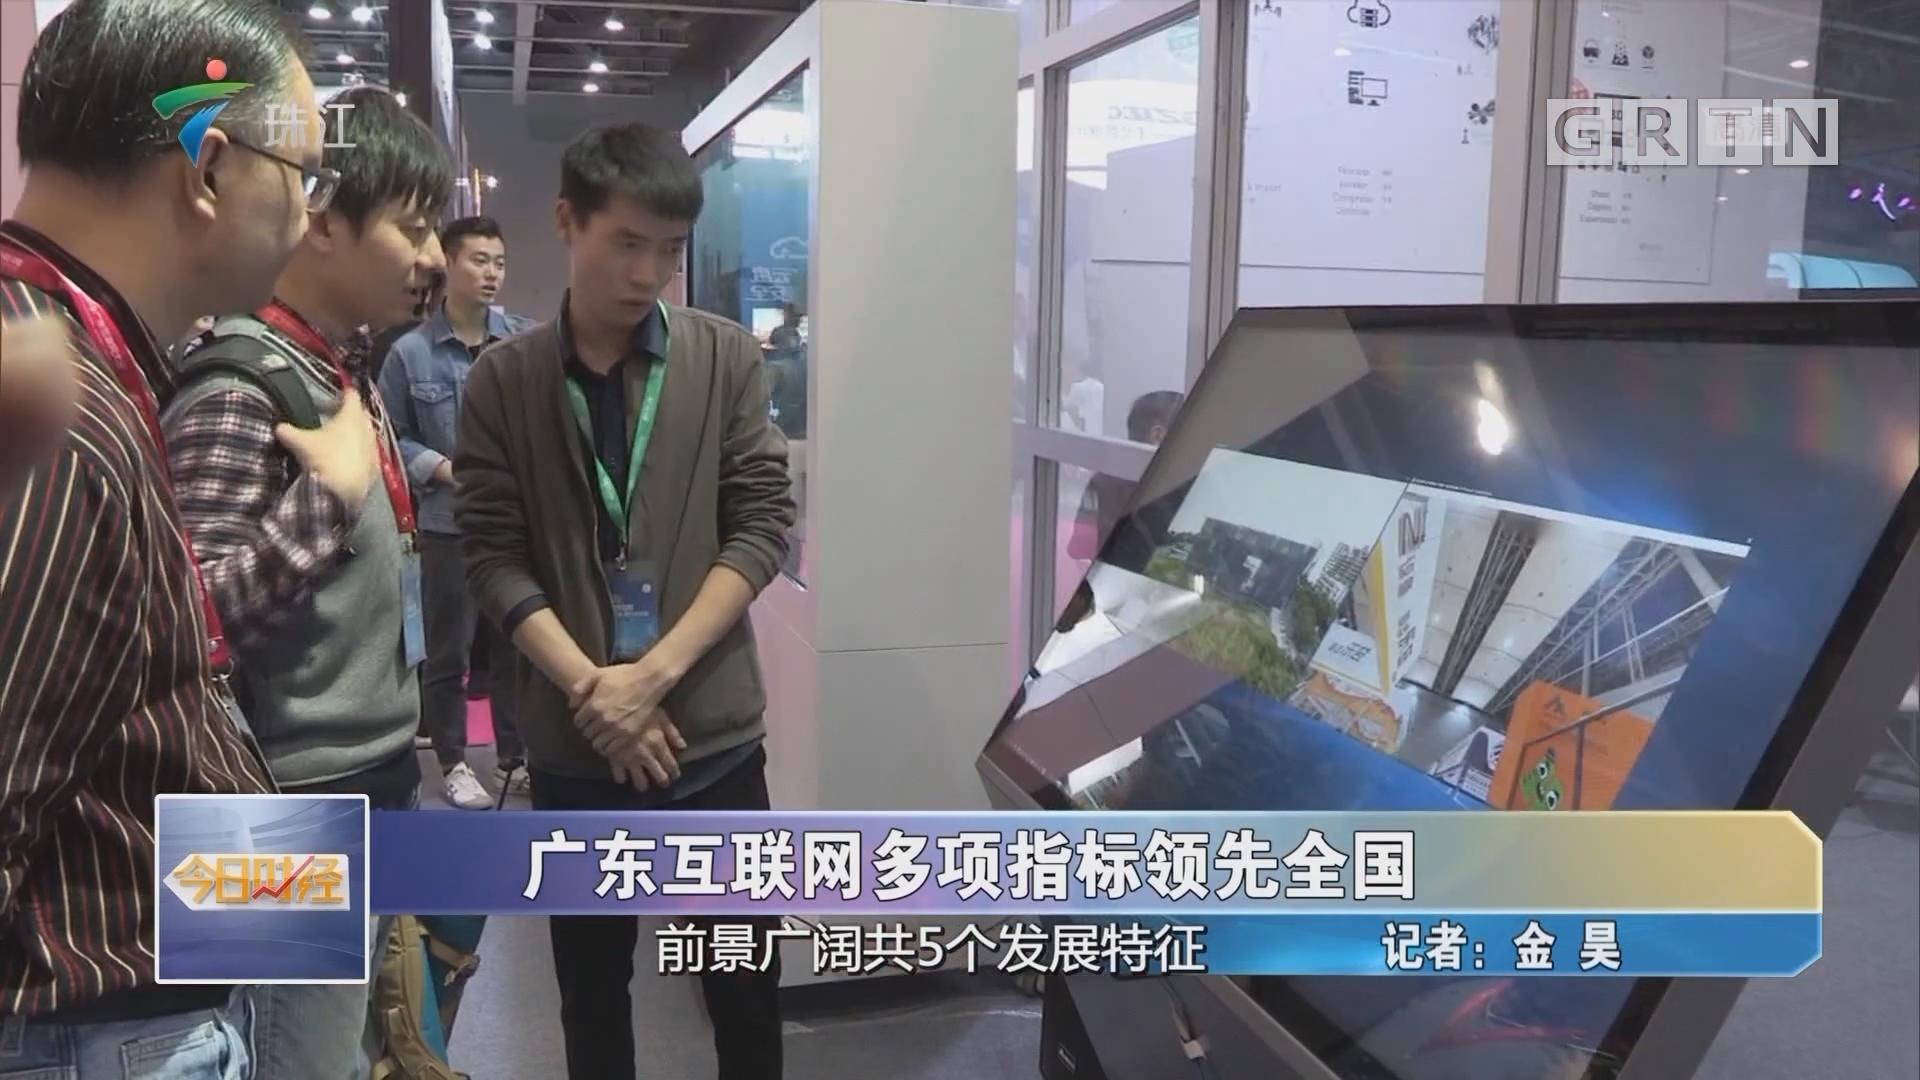 广东互联网多项指标领先全国